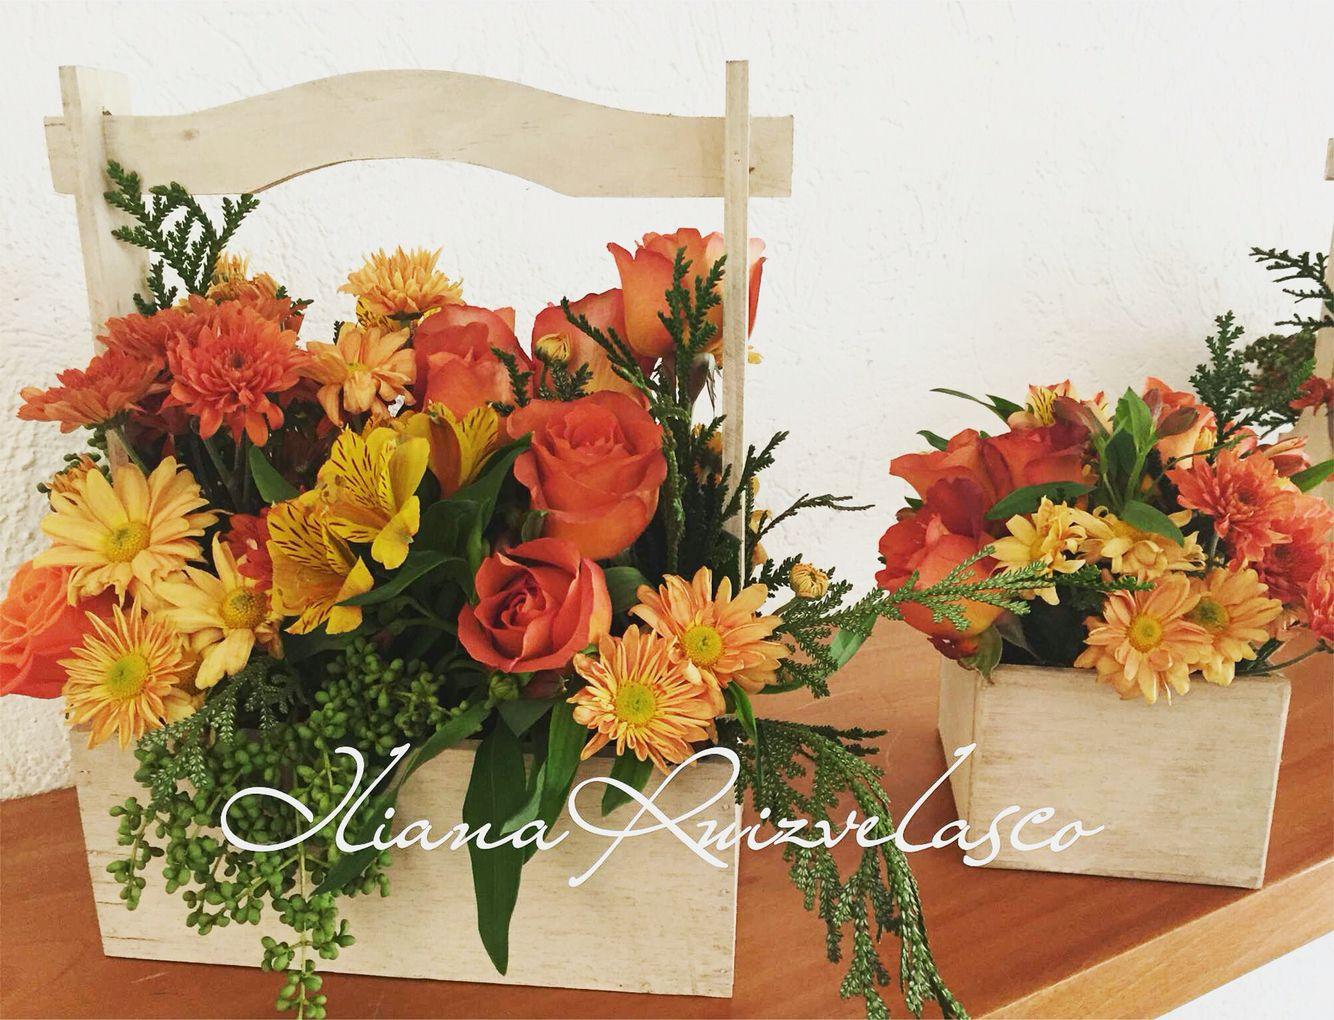 Diseño floral centro de mesa Iliana Ruizvelasco